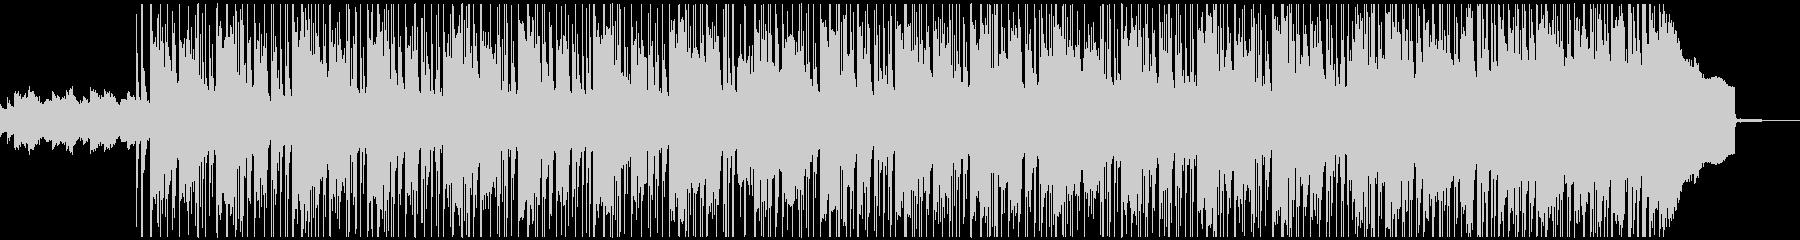 エレピやシンセが入った柔らかいロックの未再生の波形